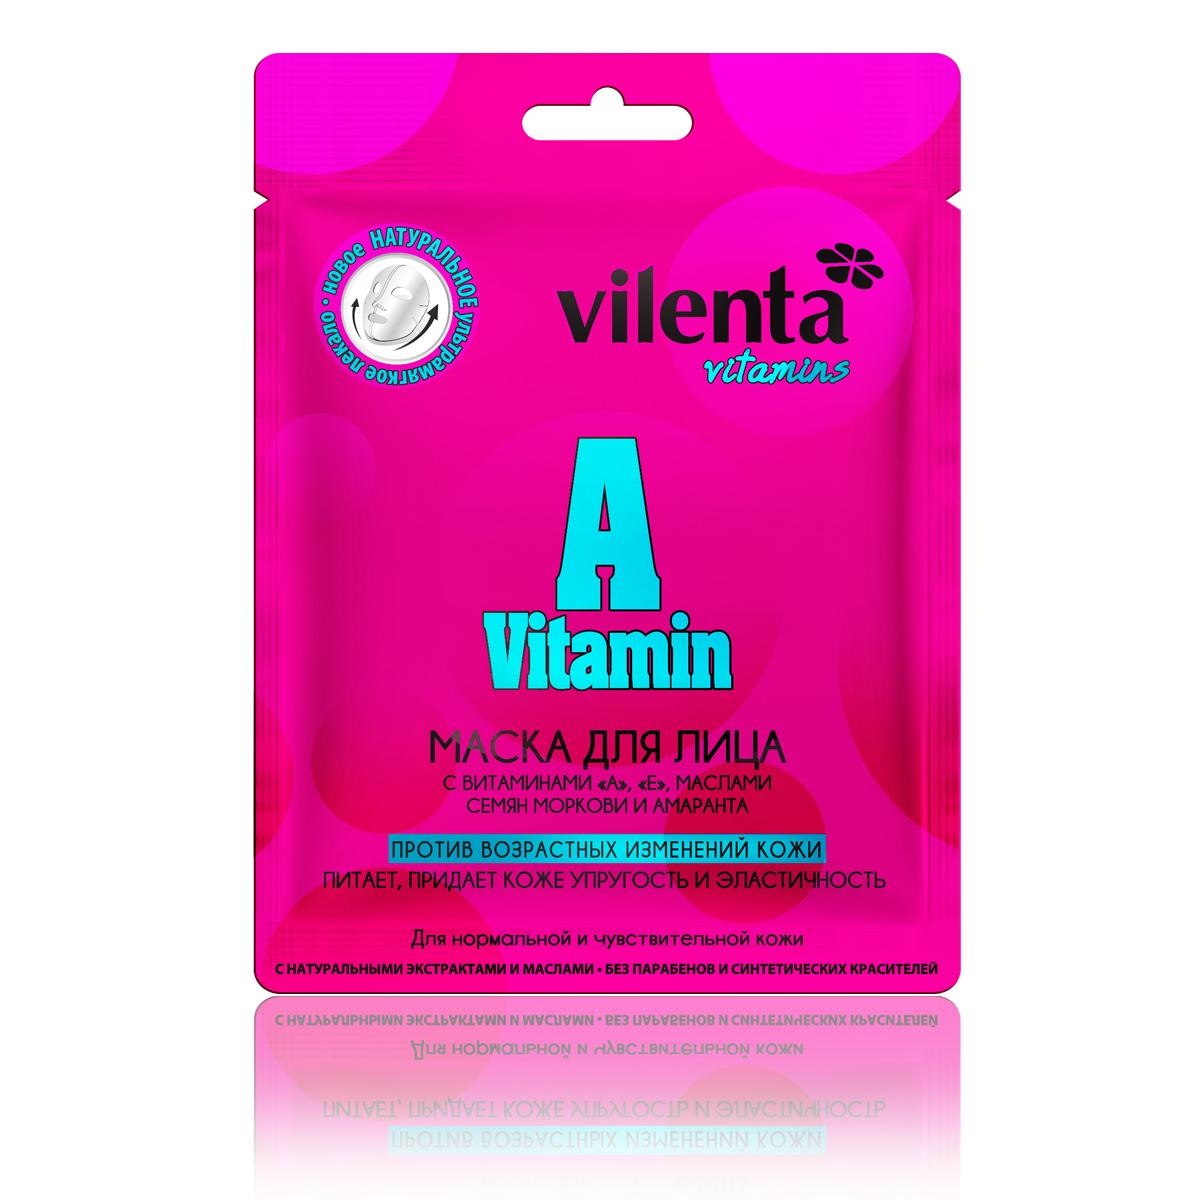 Vilenta Маска для лица Vitamin «А» с витаминами «А», «Е», маслами семня Моркови и Амаранта, 28 мл11070257020Витамин «А», благодаря возможности проникать глубоко под кожу, оказывает омолаживающий эффект, уменьшая проявление мимических и сокращая глубину статических морщин. Витамин «Е» поддерживает водно-липидный баланс, снимает раздражение и устраняет шелушение кожи. Такие современные технологии увлажнения, как, гиалуроновая кислота и увлажняющий комплекс, делают кожу более гладкой и эластичной. Масла семян Моркови и Амаранта интенсивно питают, смягчают и придают коже бархатистость.